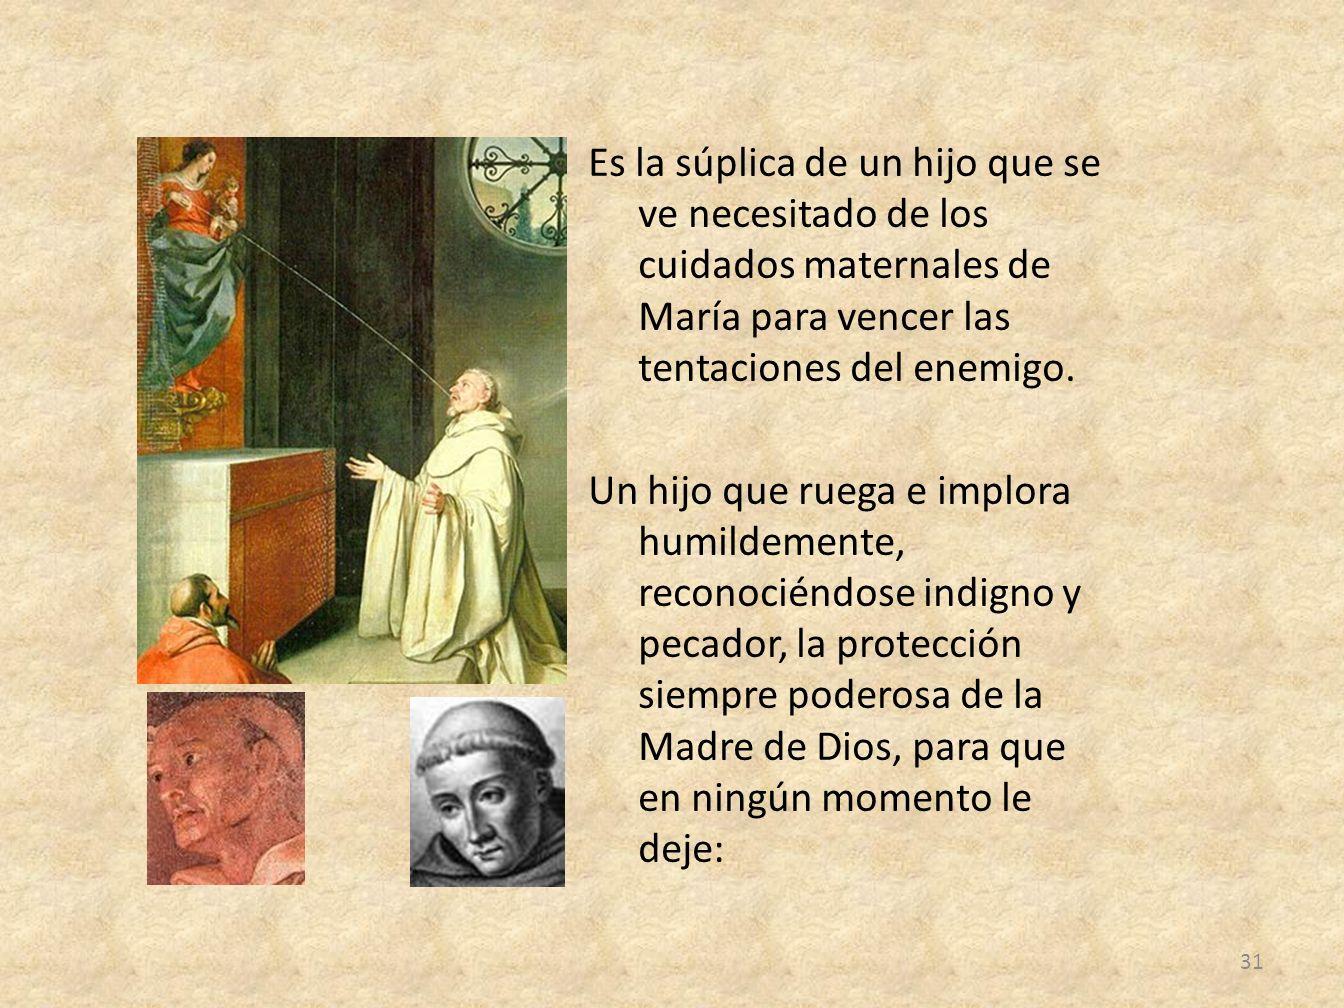 Es la súplica de un hijo que se ve necesitado de los cuidados maternales de María para vencer las tentaciones del enemigo. Un hijo que ruega e implora